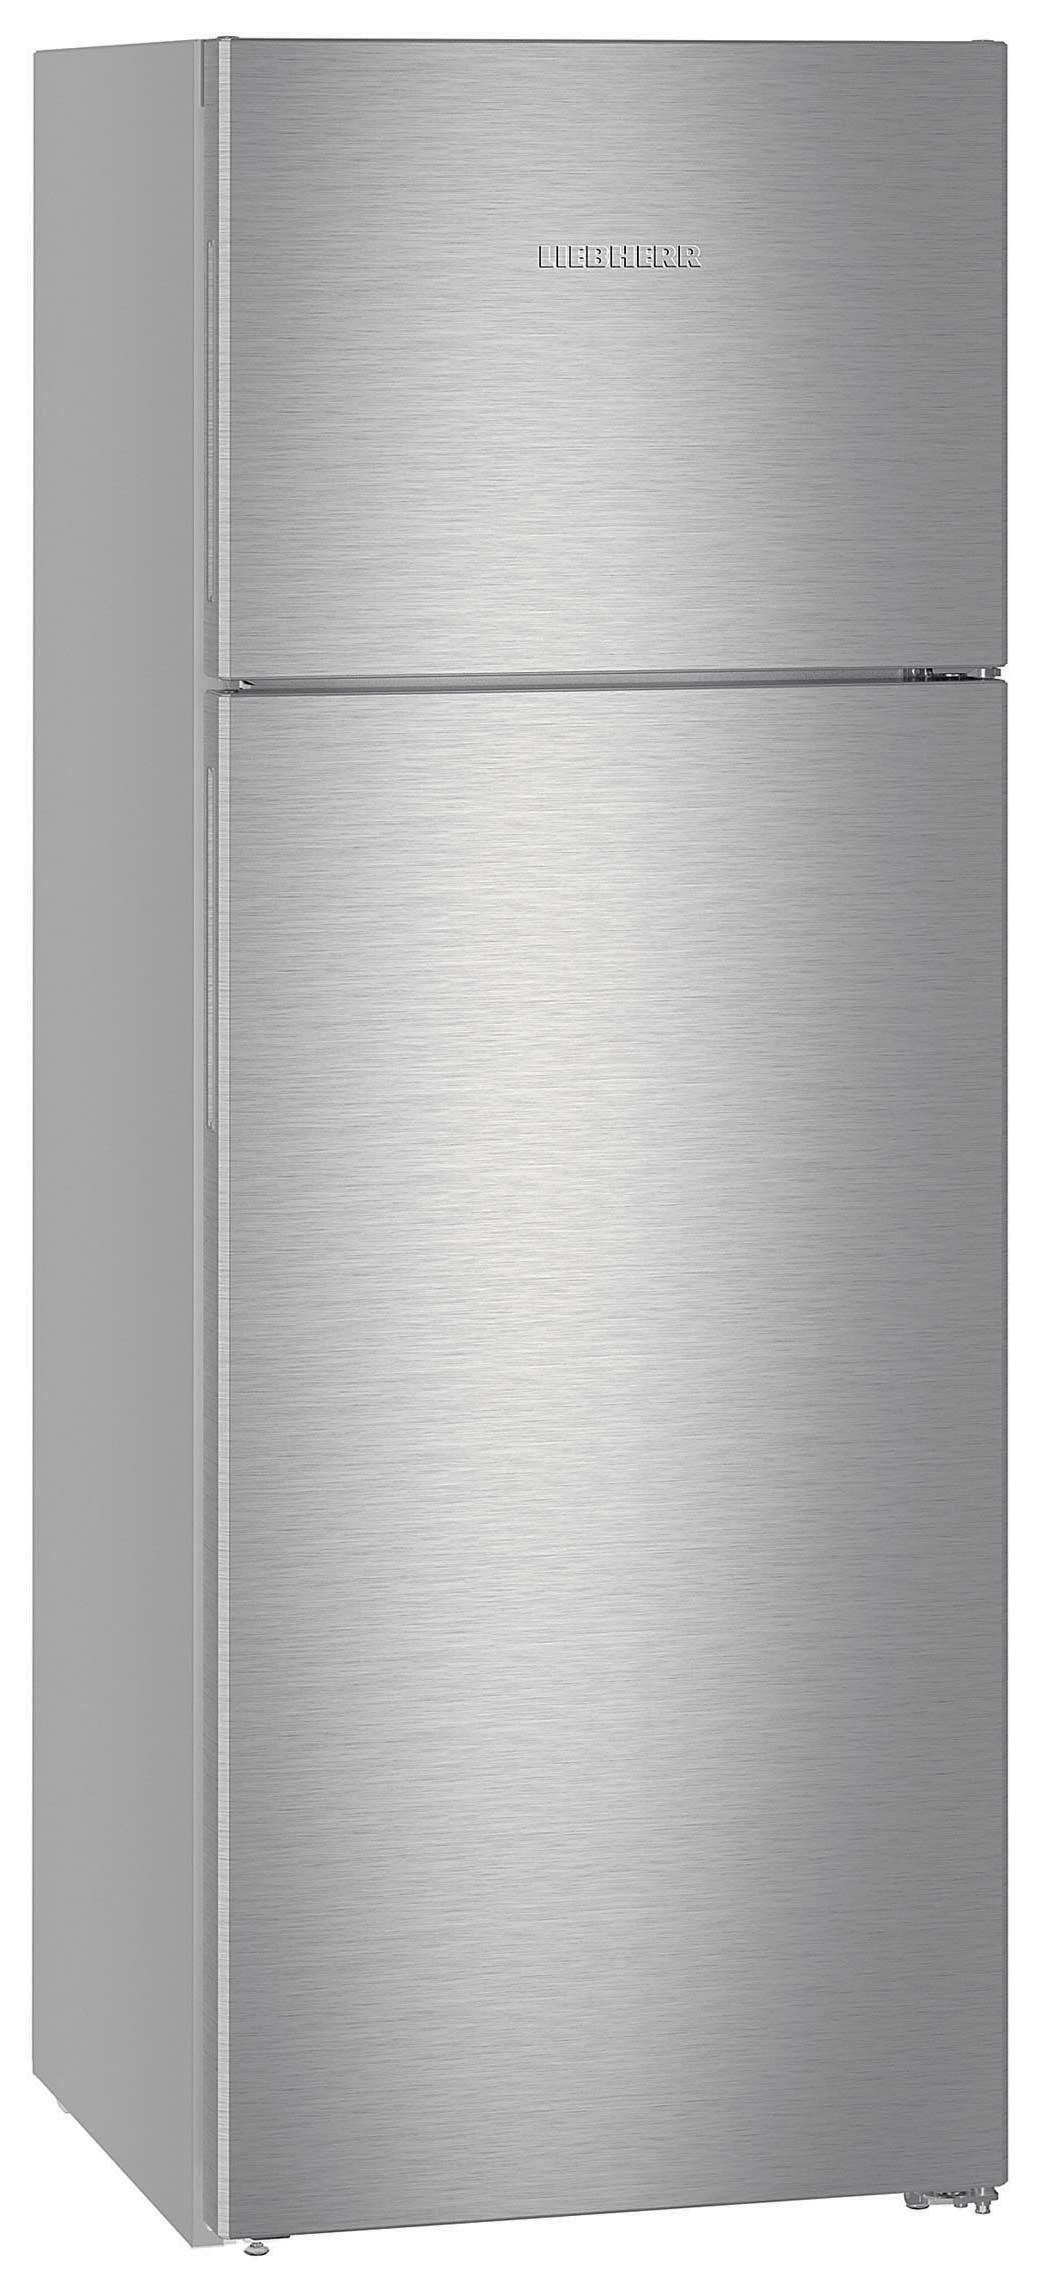 Réfrigérateur congélateur haut Liebherr A++